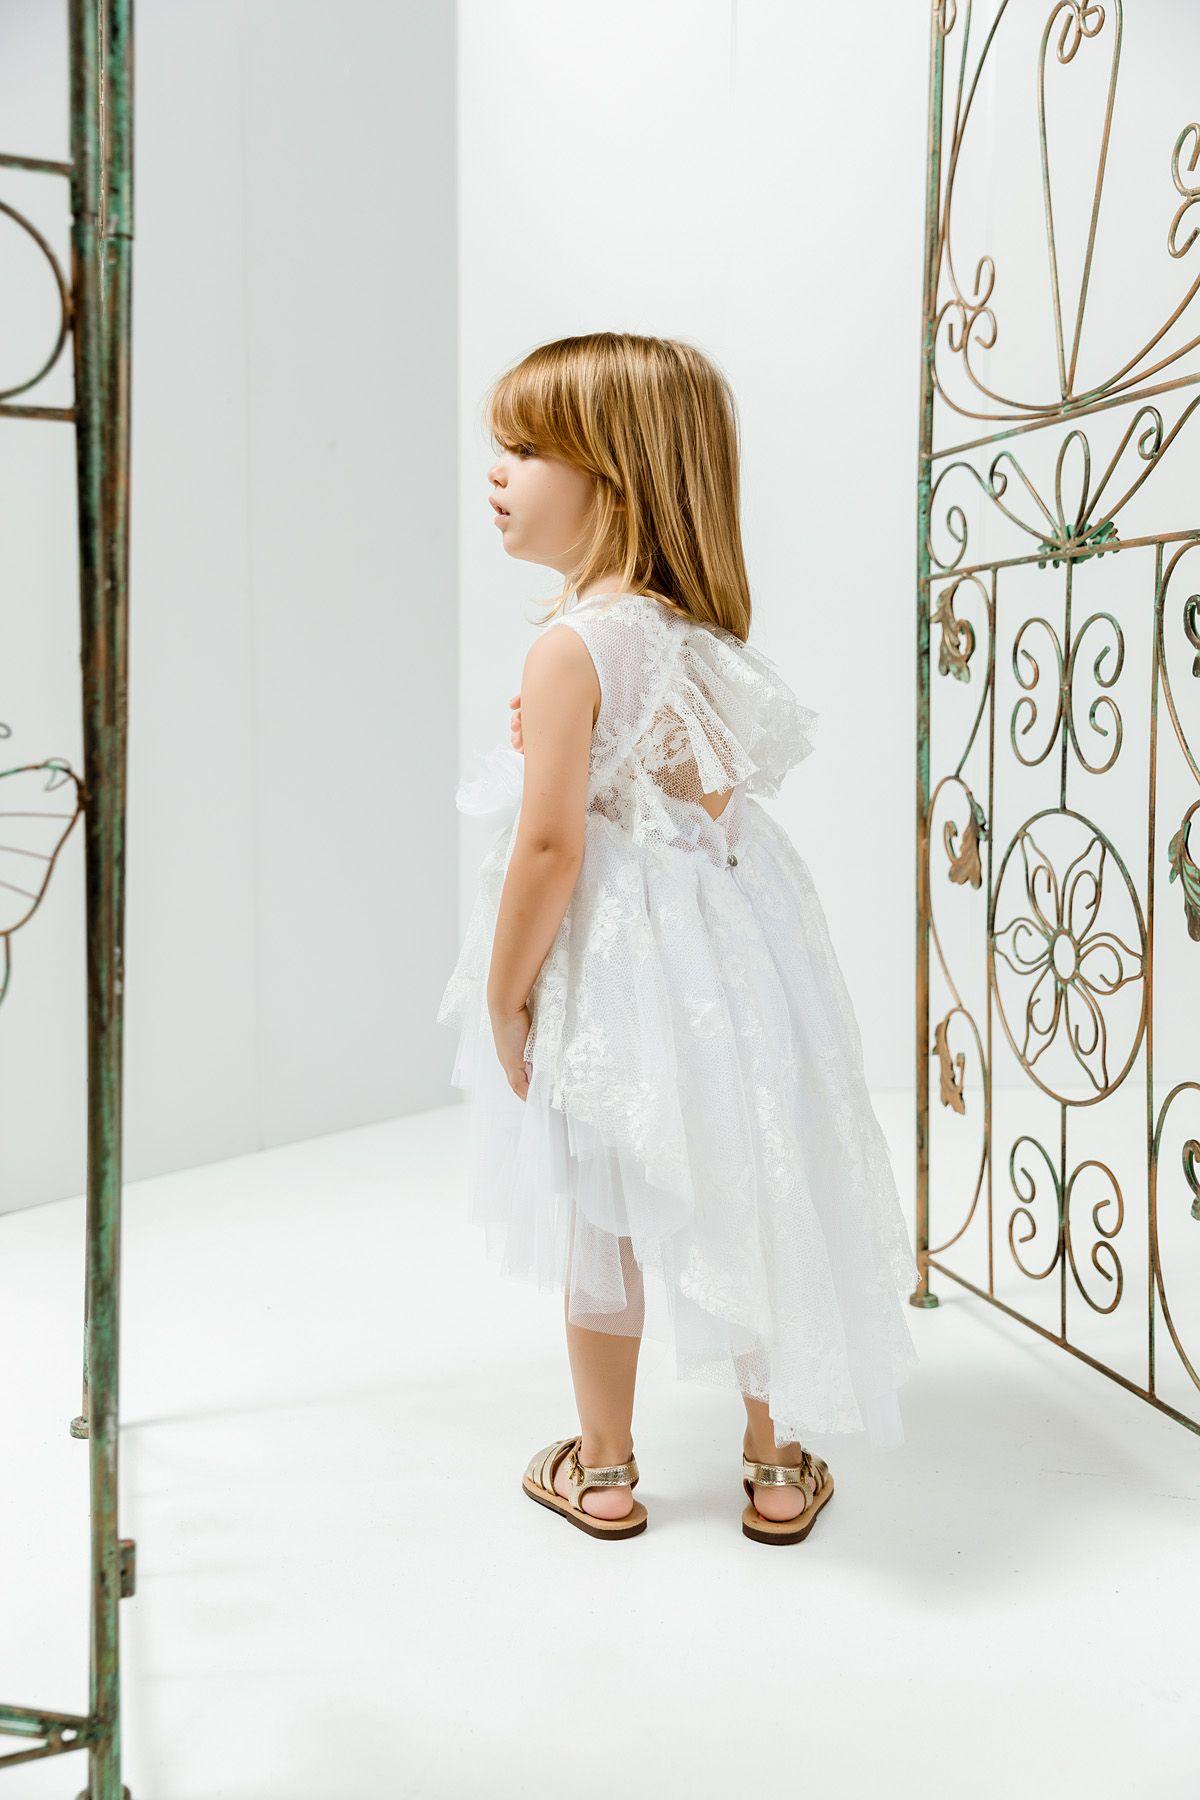 Βαπτιστικό φόρεμα λευκό με δαντέλα και βολάν στην πλάτη και στην φούστα